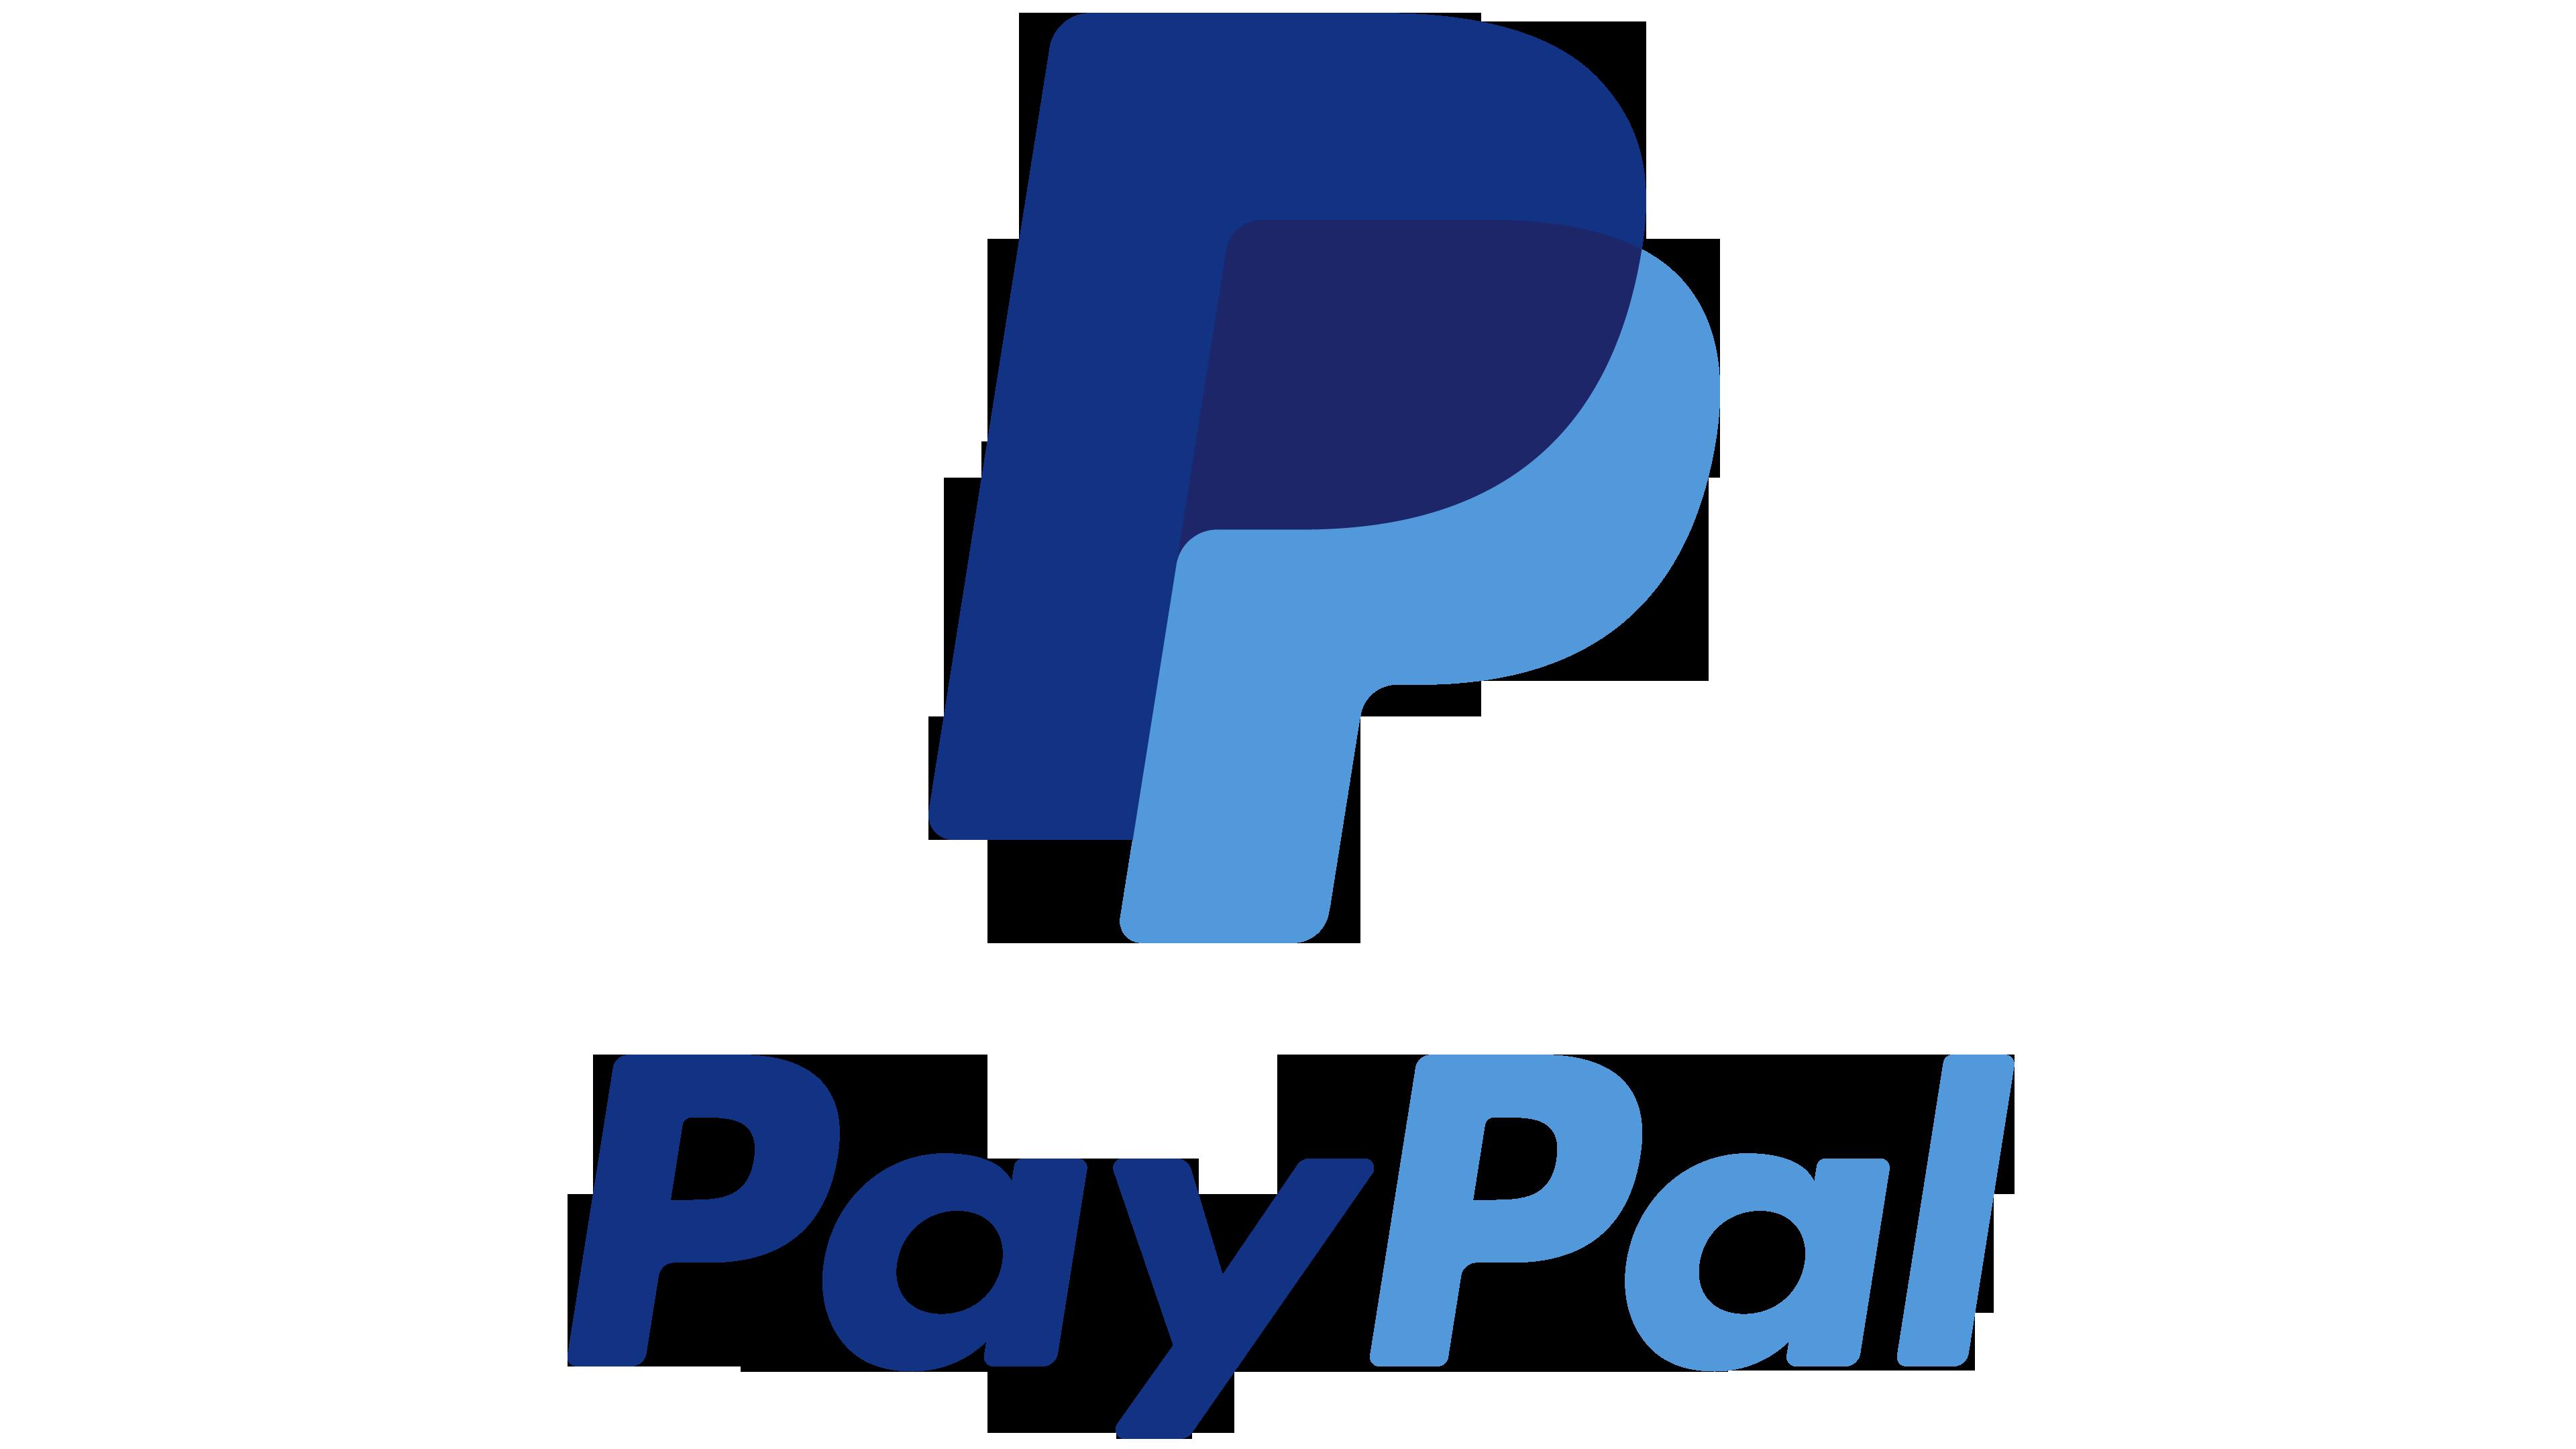 paypal-logo-png-4